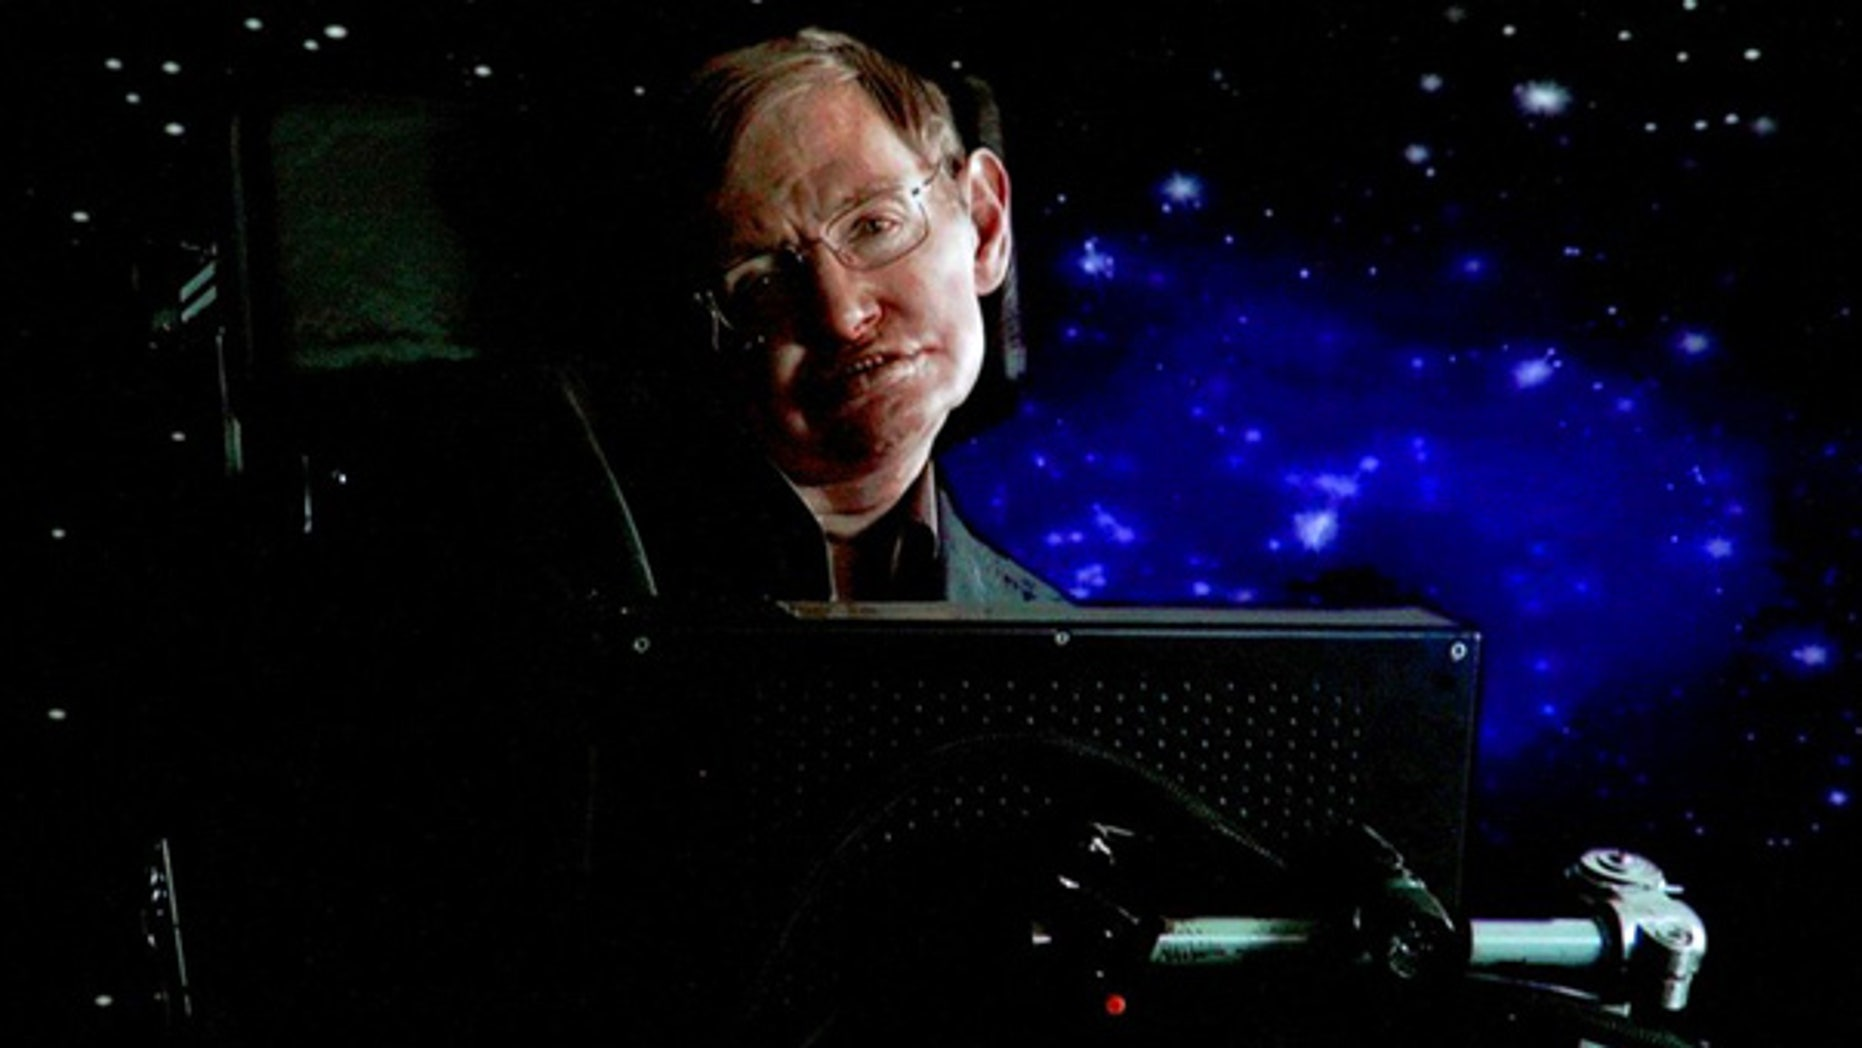 Stephen Hawking speaks via satellite during a Science Channel presentation in Pasadena, Calif.